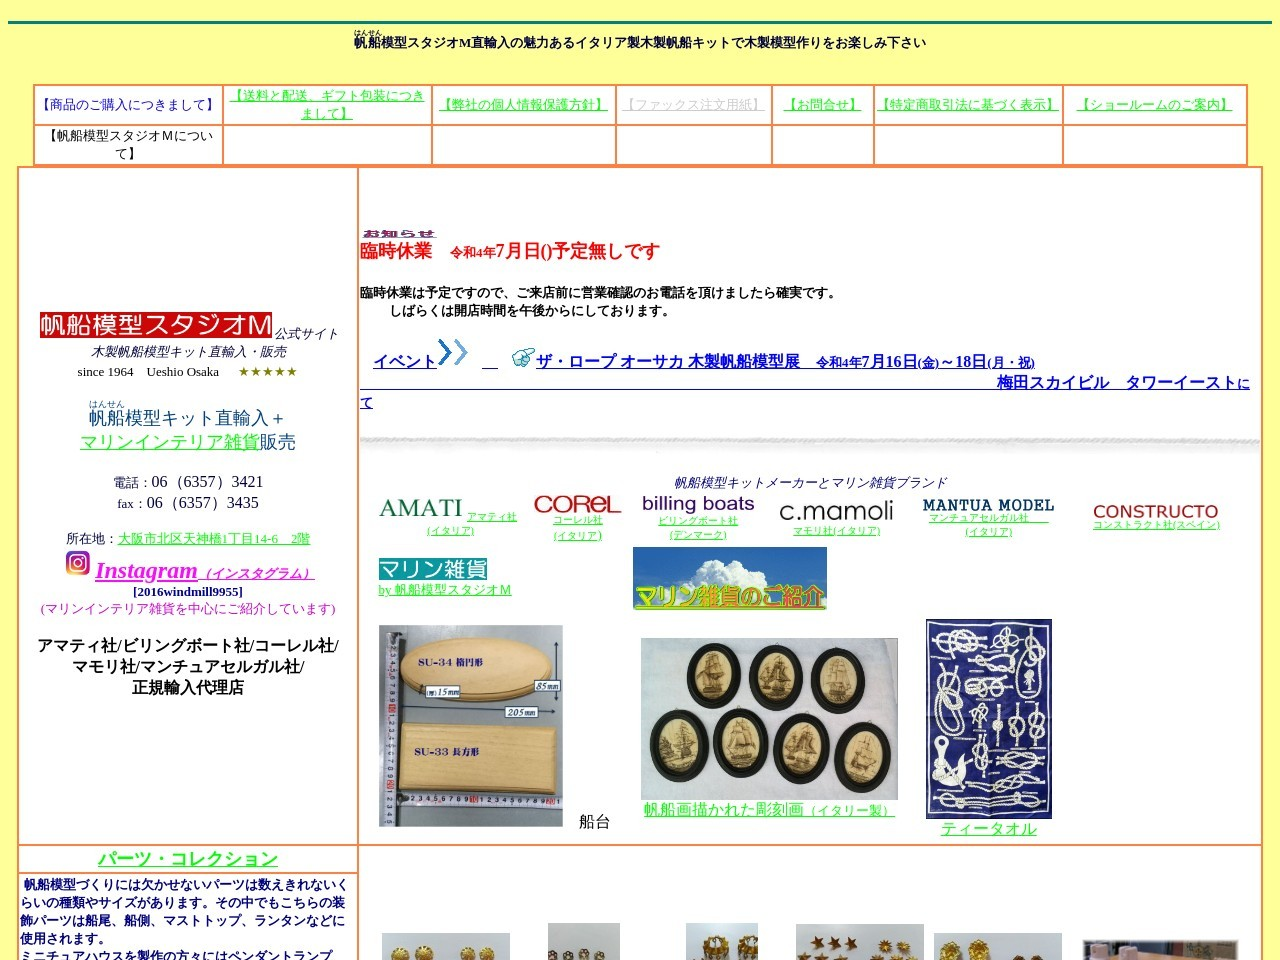 (株)帆船模型スタジオM公式サイト/~木製帆船模型キット直輸入販売~ since1964 Ueshio Osaka